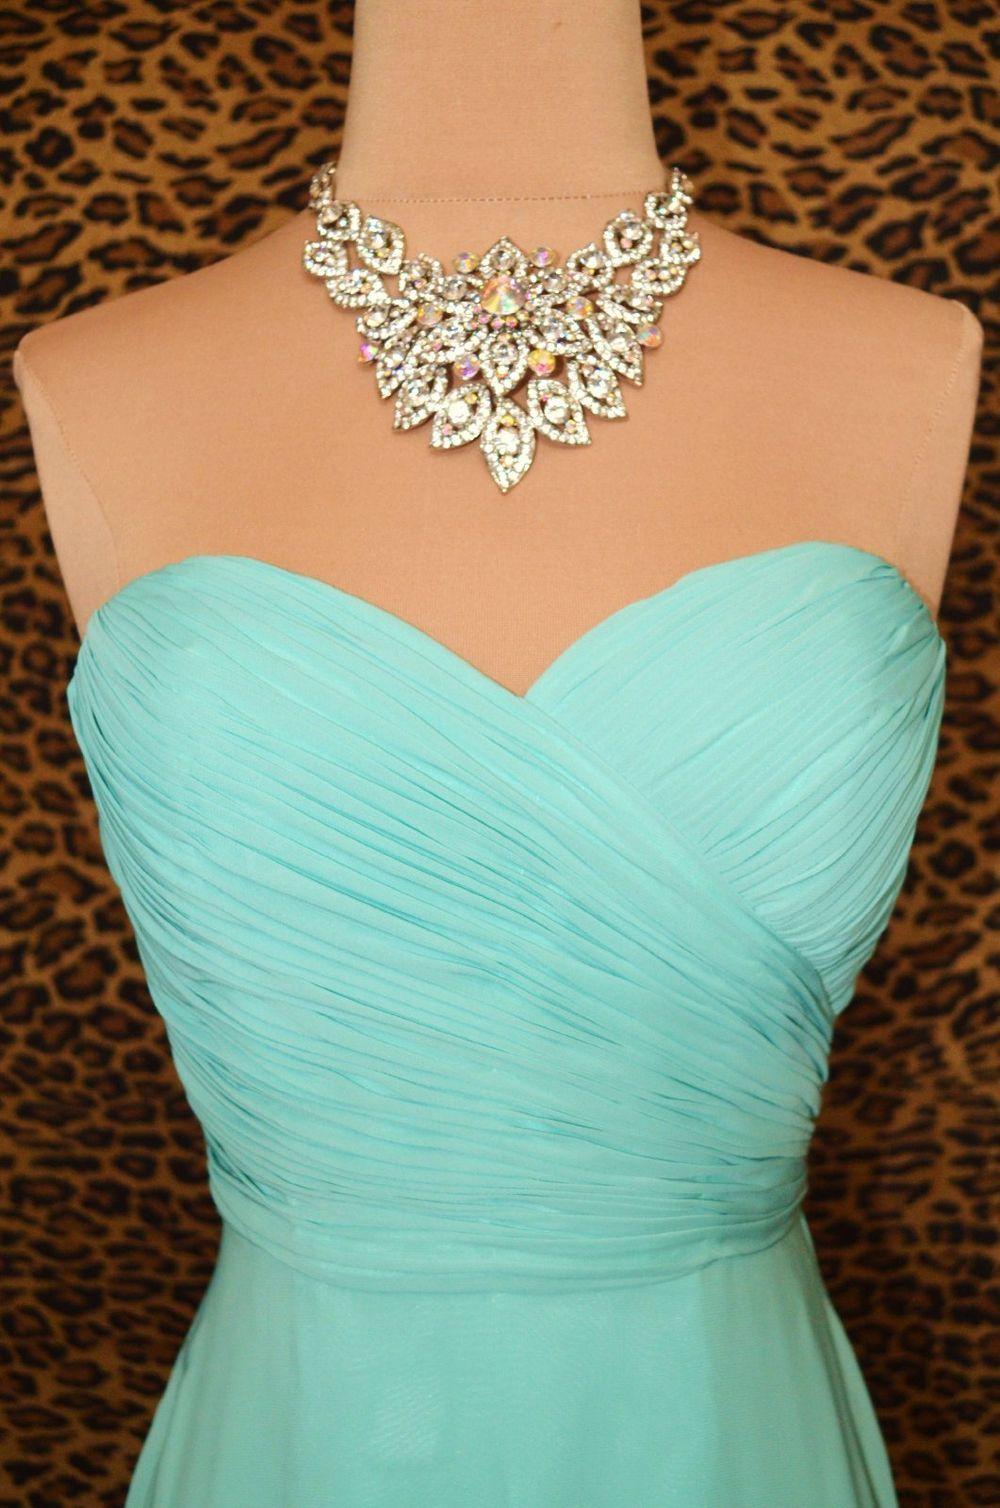 Yeşil Şifon Gelinlik modelleri A line Sevgiliye Backless Ucuz Boncuk İmparatorluğu Annelik Kadınlar için Parti elbise Hamile hu